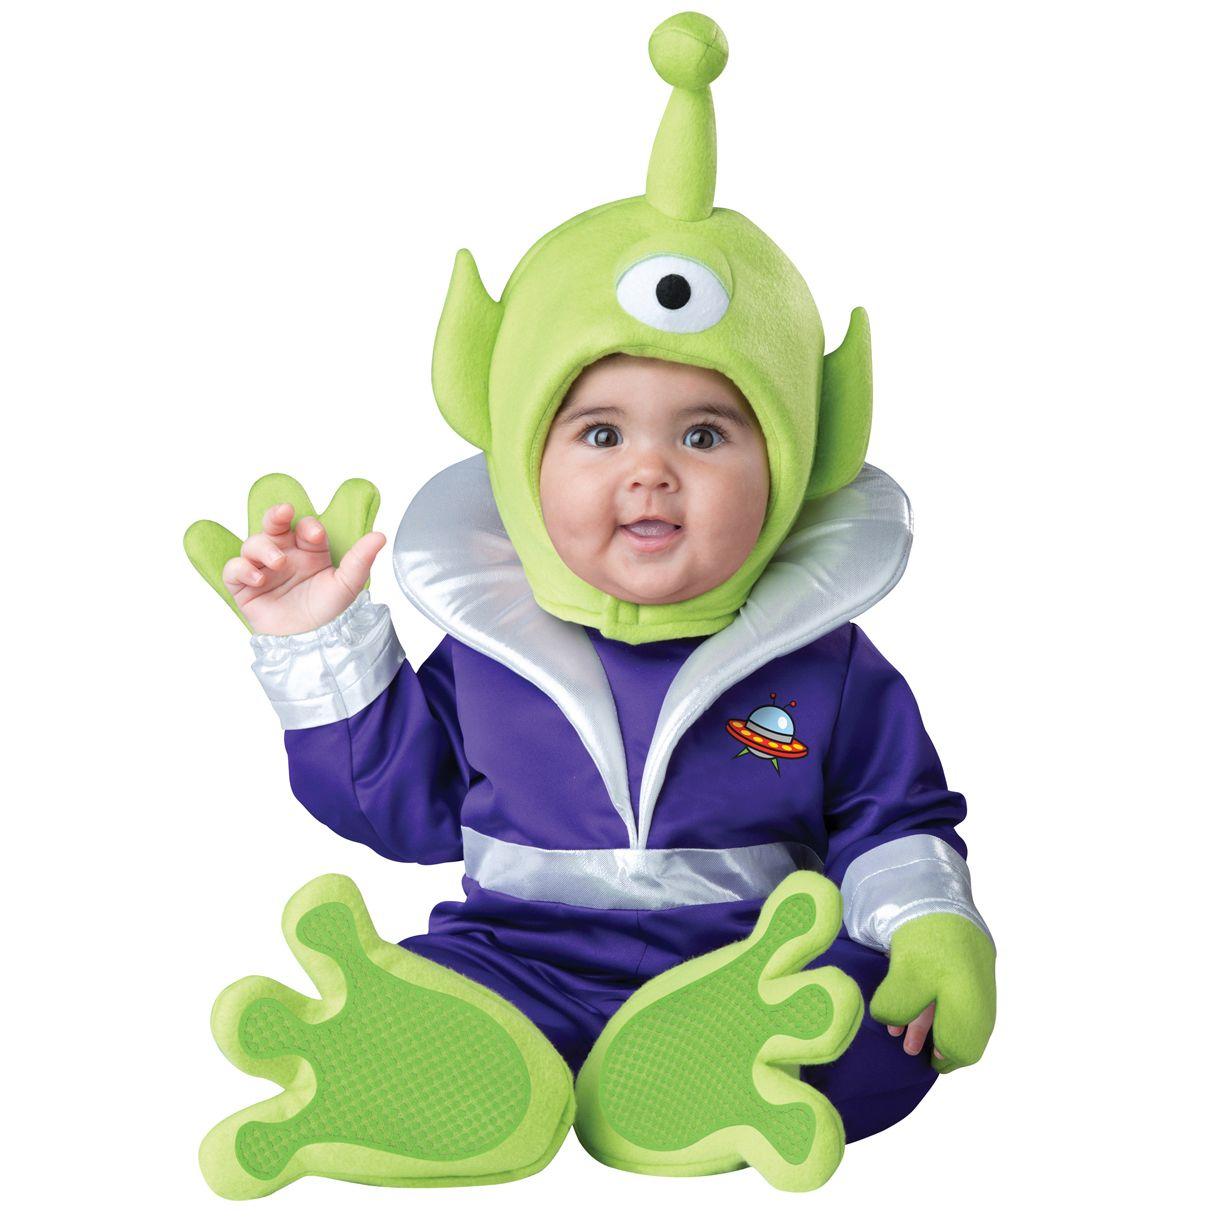 Disfraz Marciano Mini Martian Deluna Disfraces Disfraz De Marciano Trajes De Halloween Del Bebé Disfraces De Halloween Para Bebés